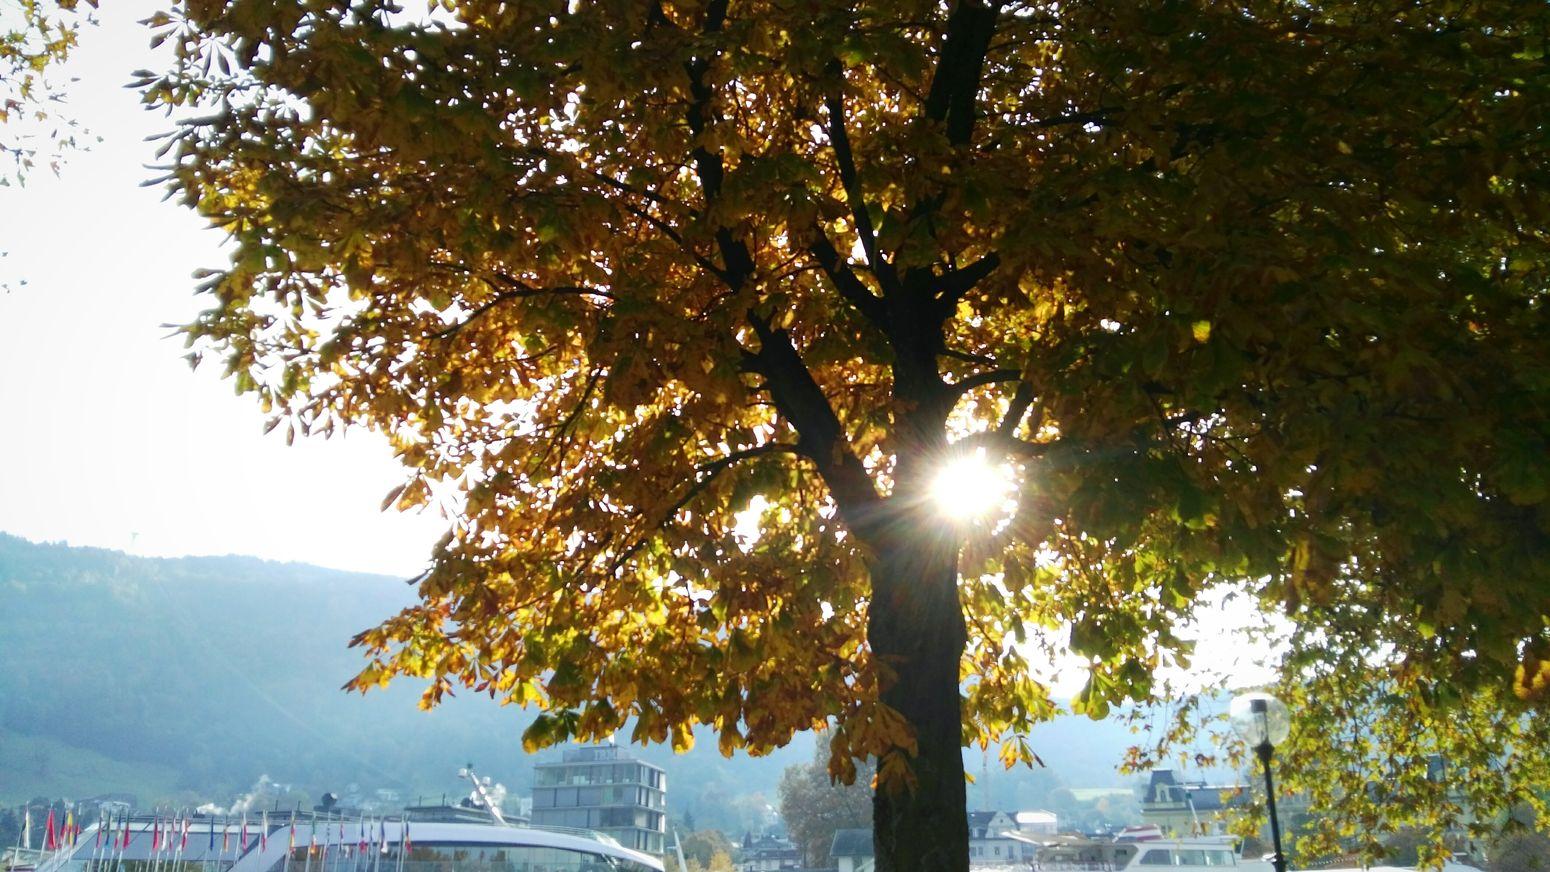 Lichtblick Outdoors Beauty In Nature Travel Destinations City Schnappschuss Im Vorbeifahren Herbststimmung Autumn Colors Autumn Herbst Herbstfarben Momentaufnahme